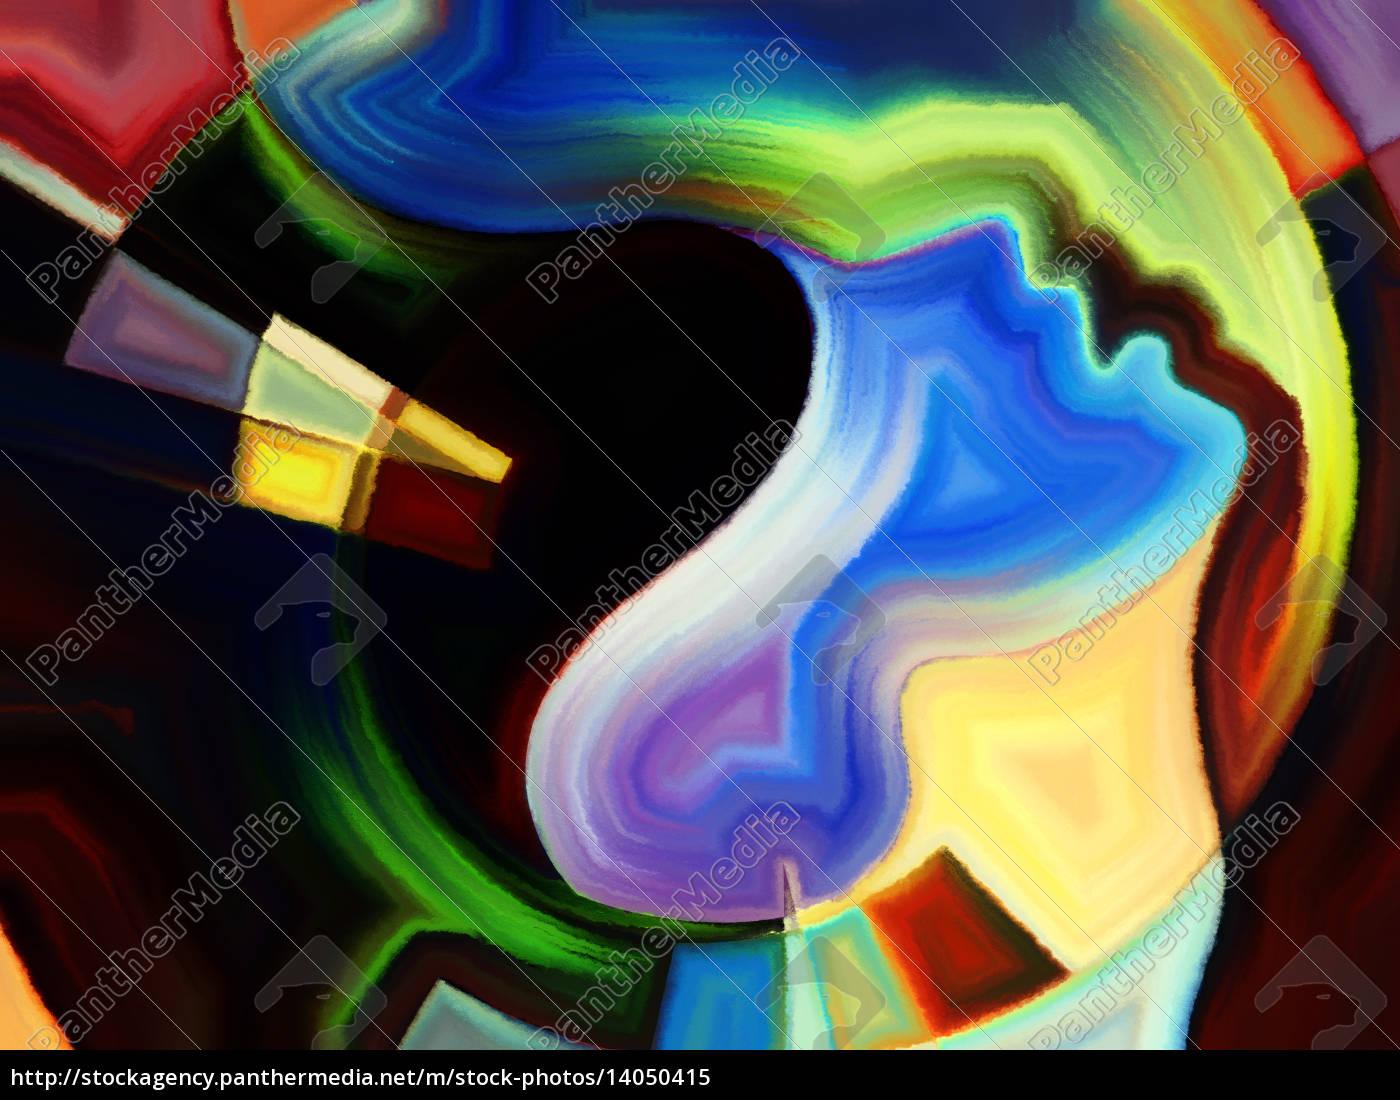 computing, inner, geometry - 14050415